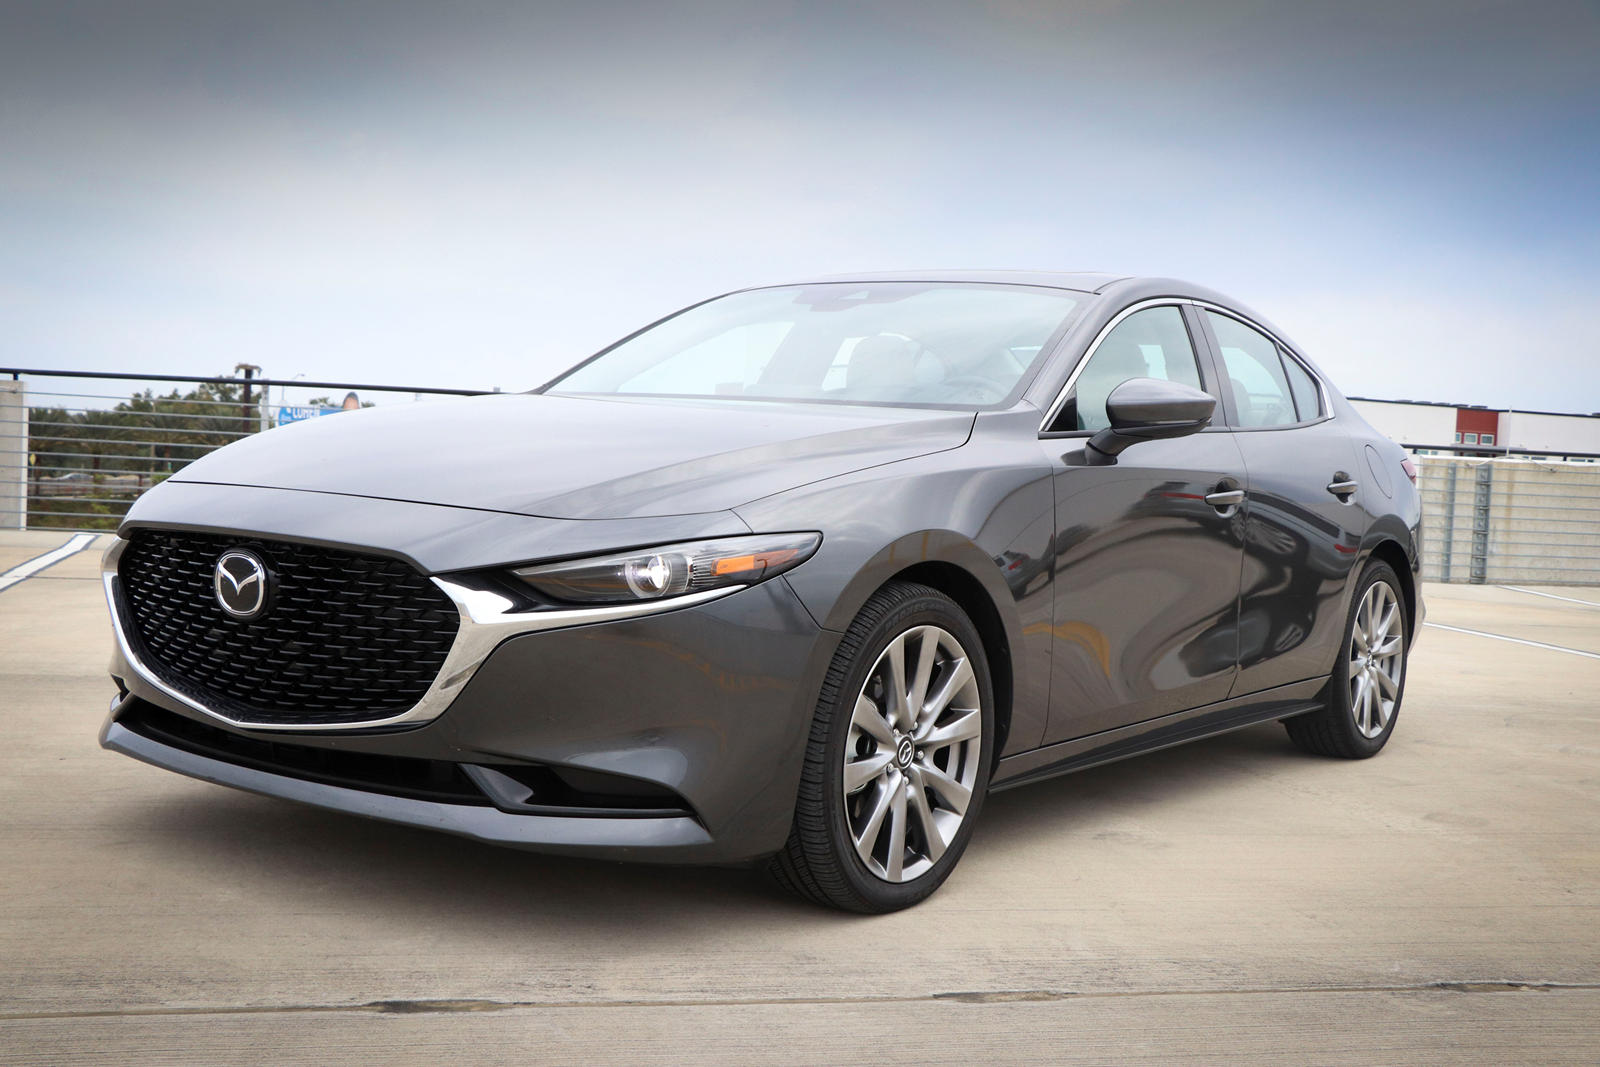 Kekurangan Mazda A3 Murah Berkualitas